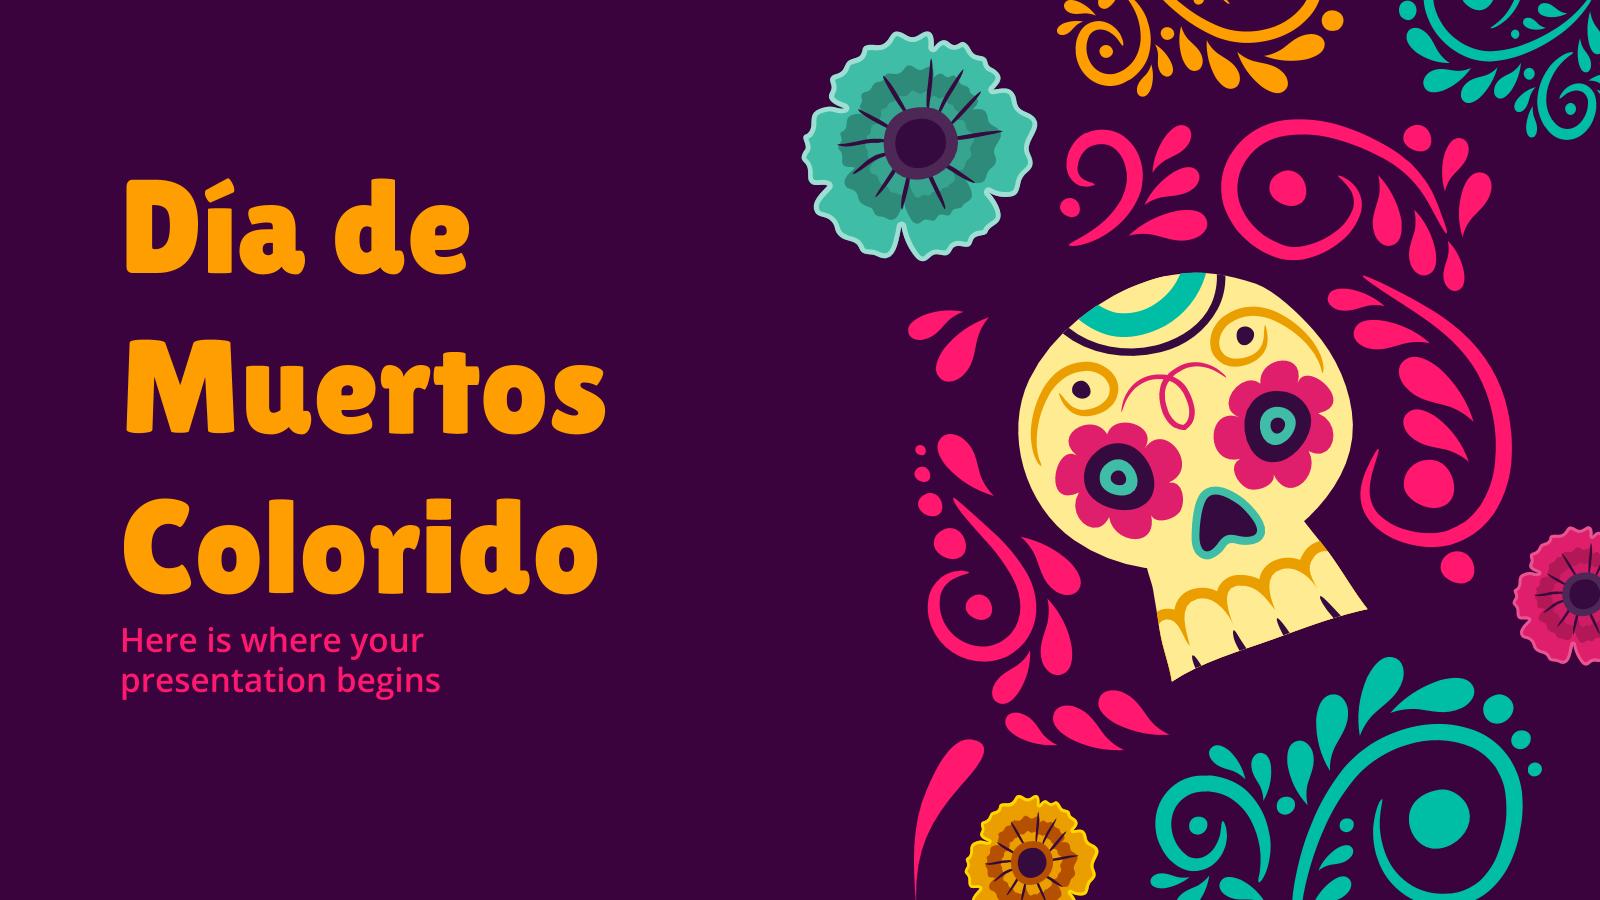 Plantilla de presentación Día de Muertos colorido